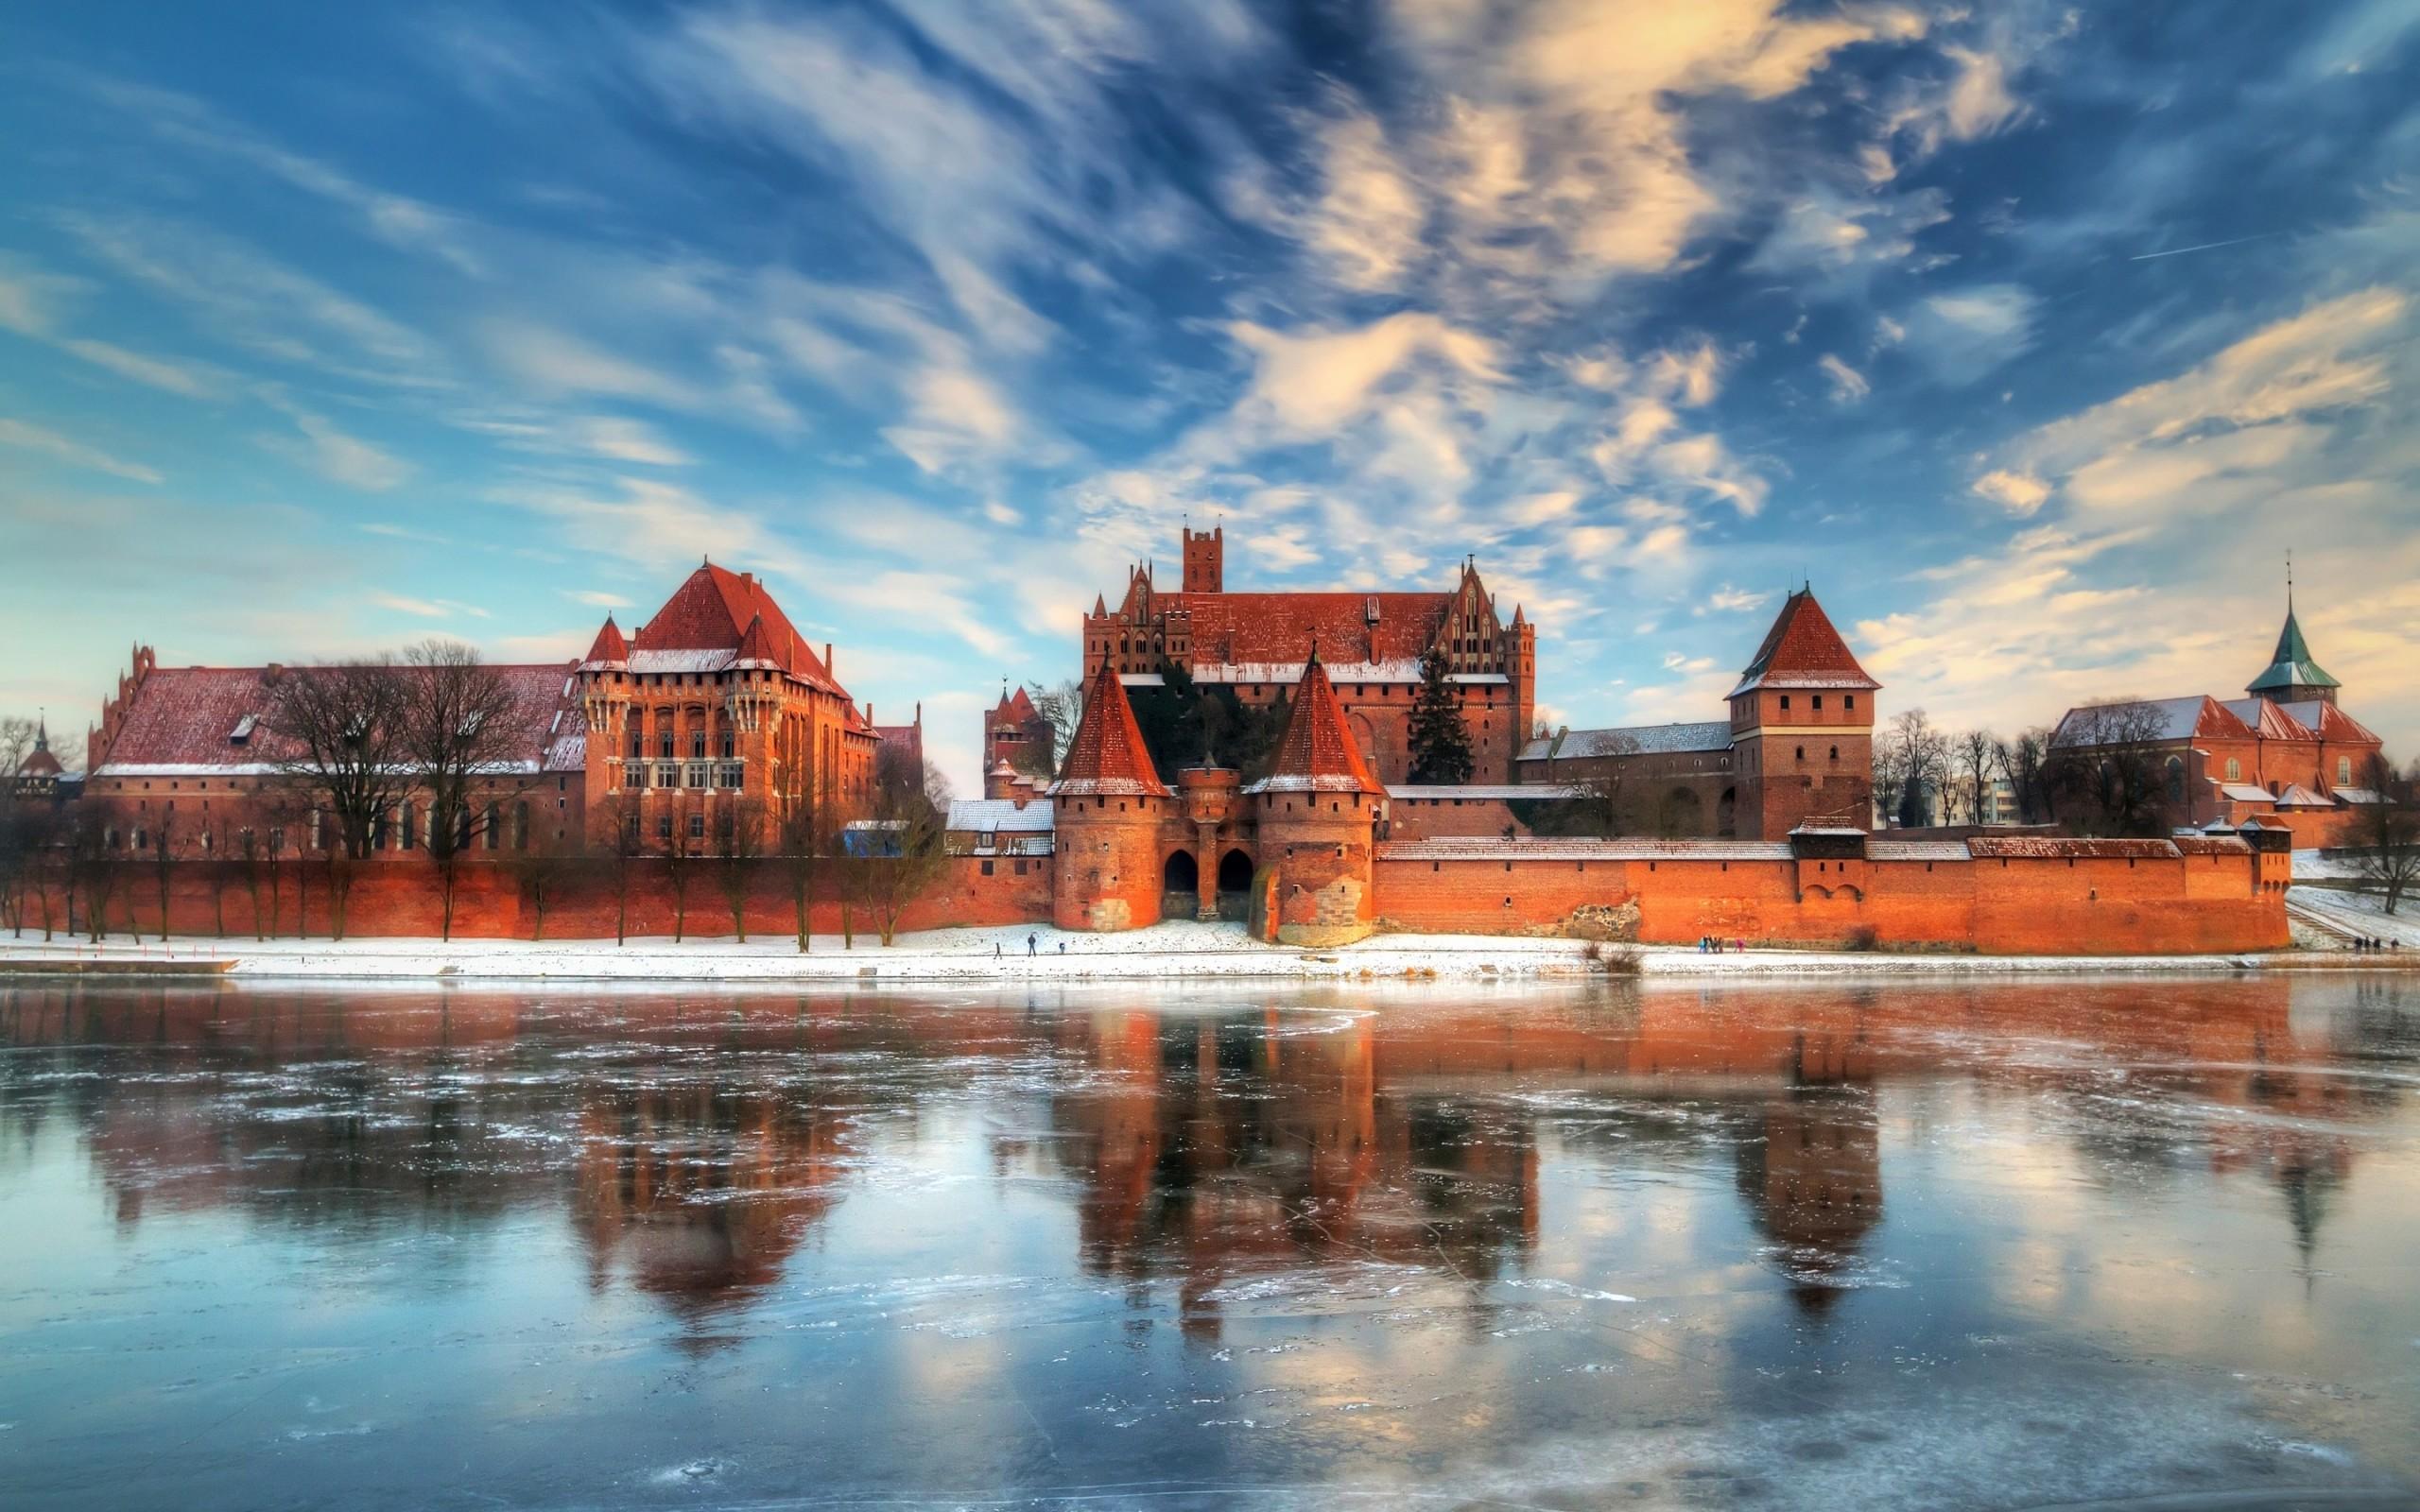 Winter castle under blue sky HD Desktop Wallpaper